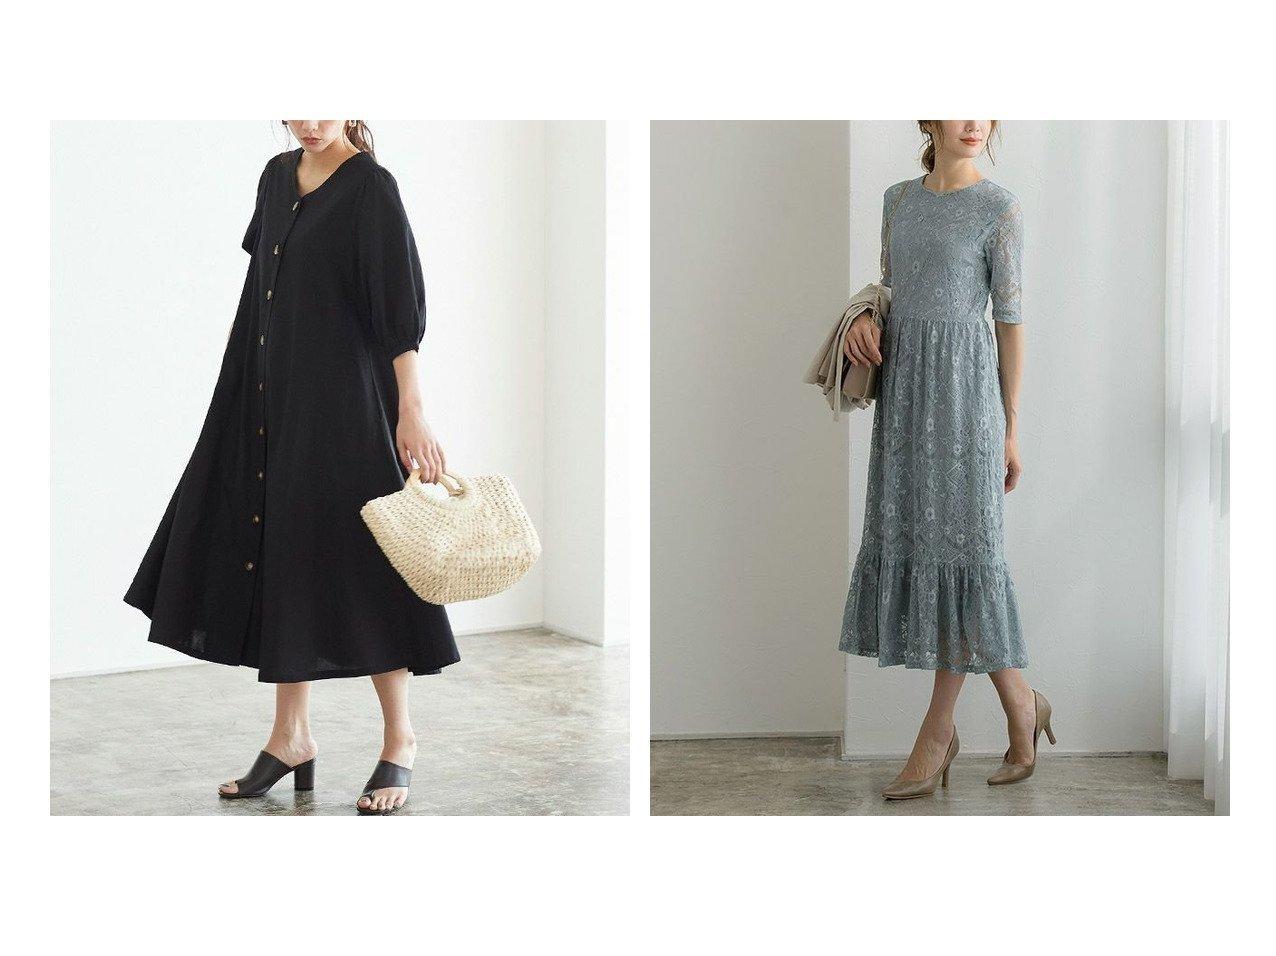 【Pierrot/ピエロ】の2wayAラインワンピース&レースワンピース おすすめ!人気!プチプライスで上品なファッションアイテムの通販  おすすめで人気の流行・トレンド、ファッションの通販商品 メンズファッション・キッズファッション・インテリア・家具・レディースファッション・服の通販 founy(ファニー) https://founy.com/ ファッション Fashion レディースファッション WOMEN ワンピース Dress Aラインワンピース A-line Dress フロント プチプライス・低価格 Affordable リネン シンプル フェミニン フレア レース  ID:crp329100000021269